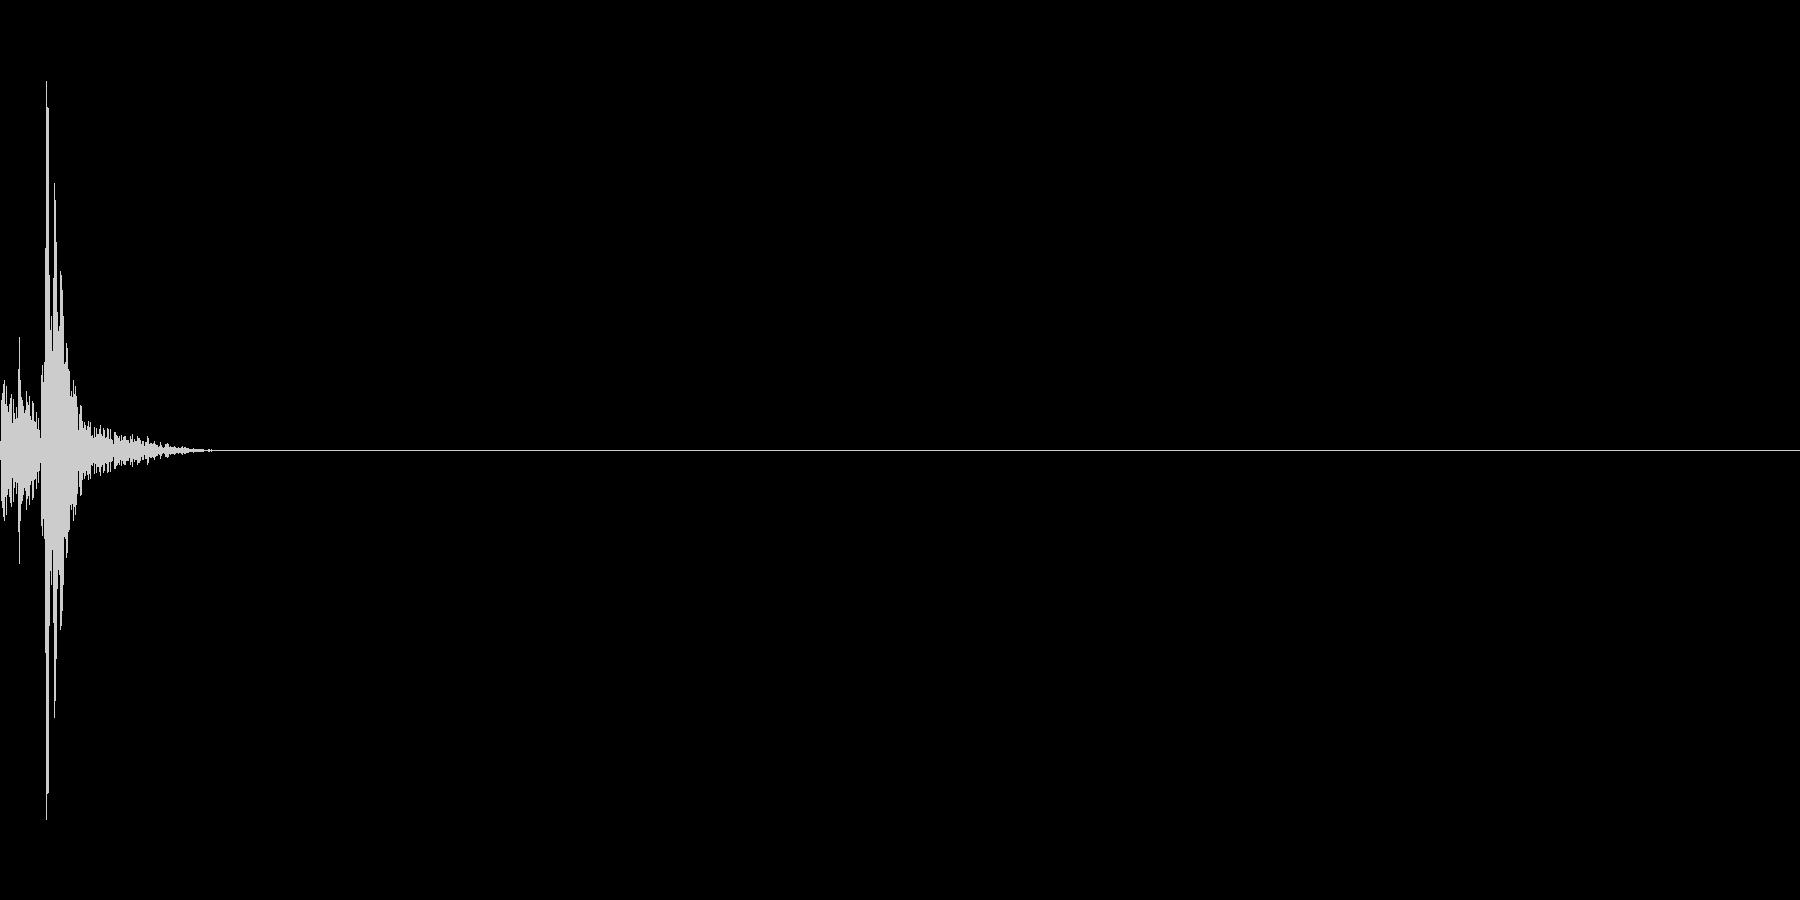 時計、タイマー、ストップウォッチ_C_4の未再生の波形